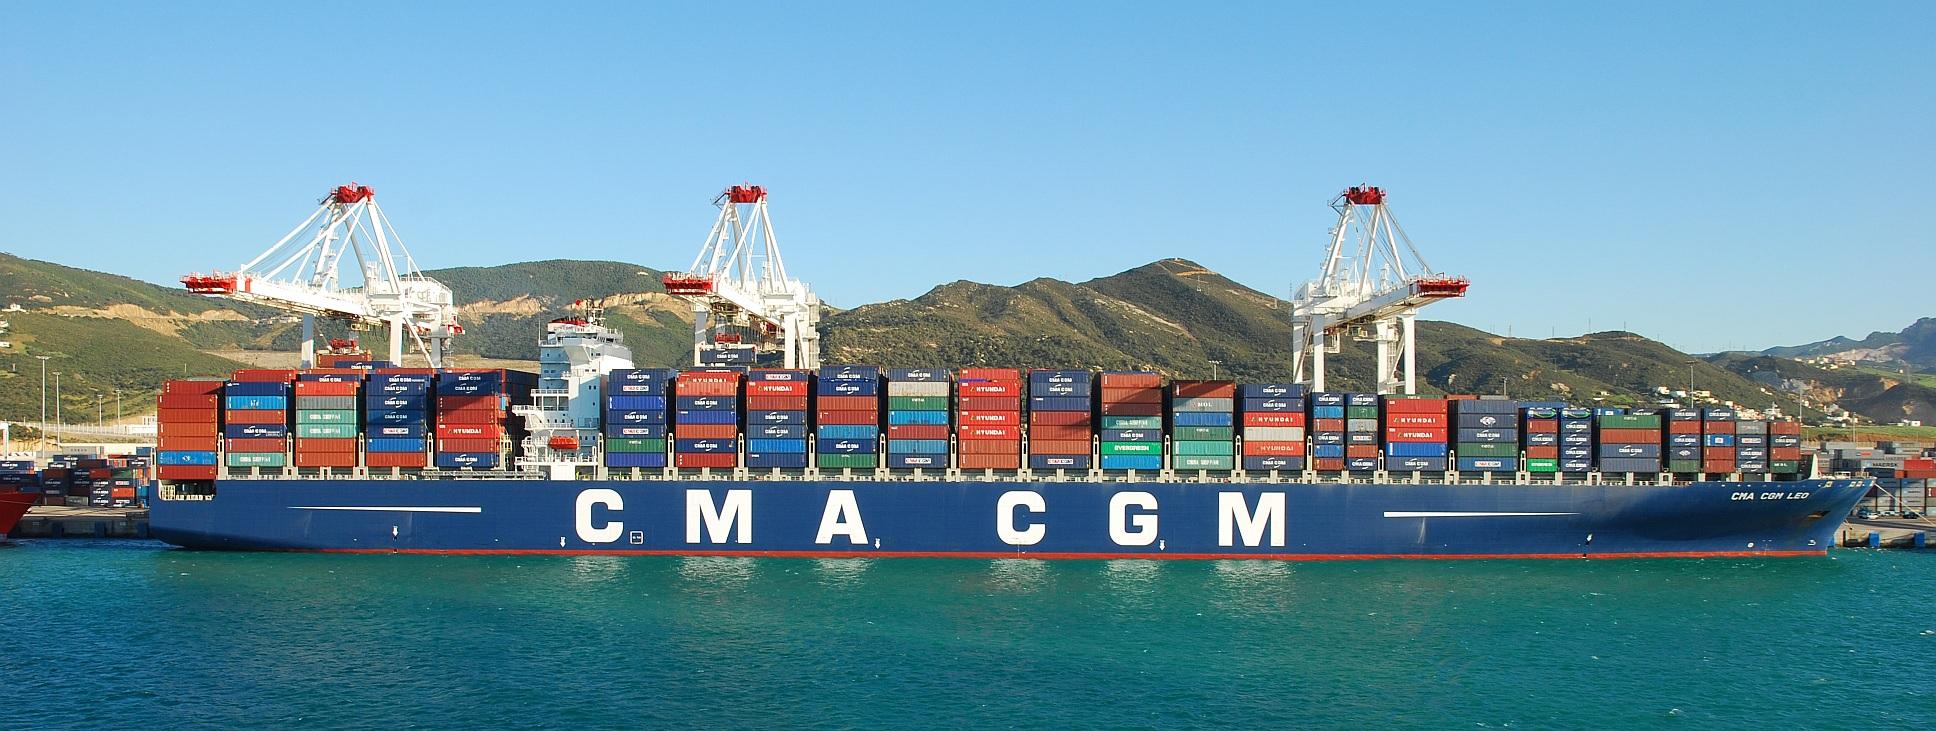 Image d'un porte-conteneurs du groupe CMA CGM, exemple de l'industrie maritime mondiale.